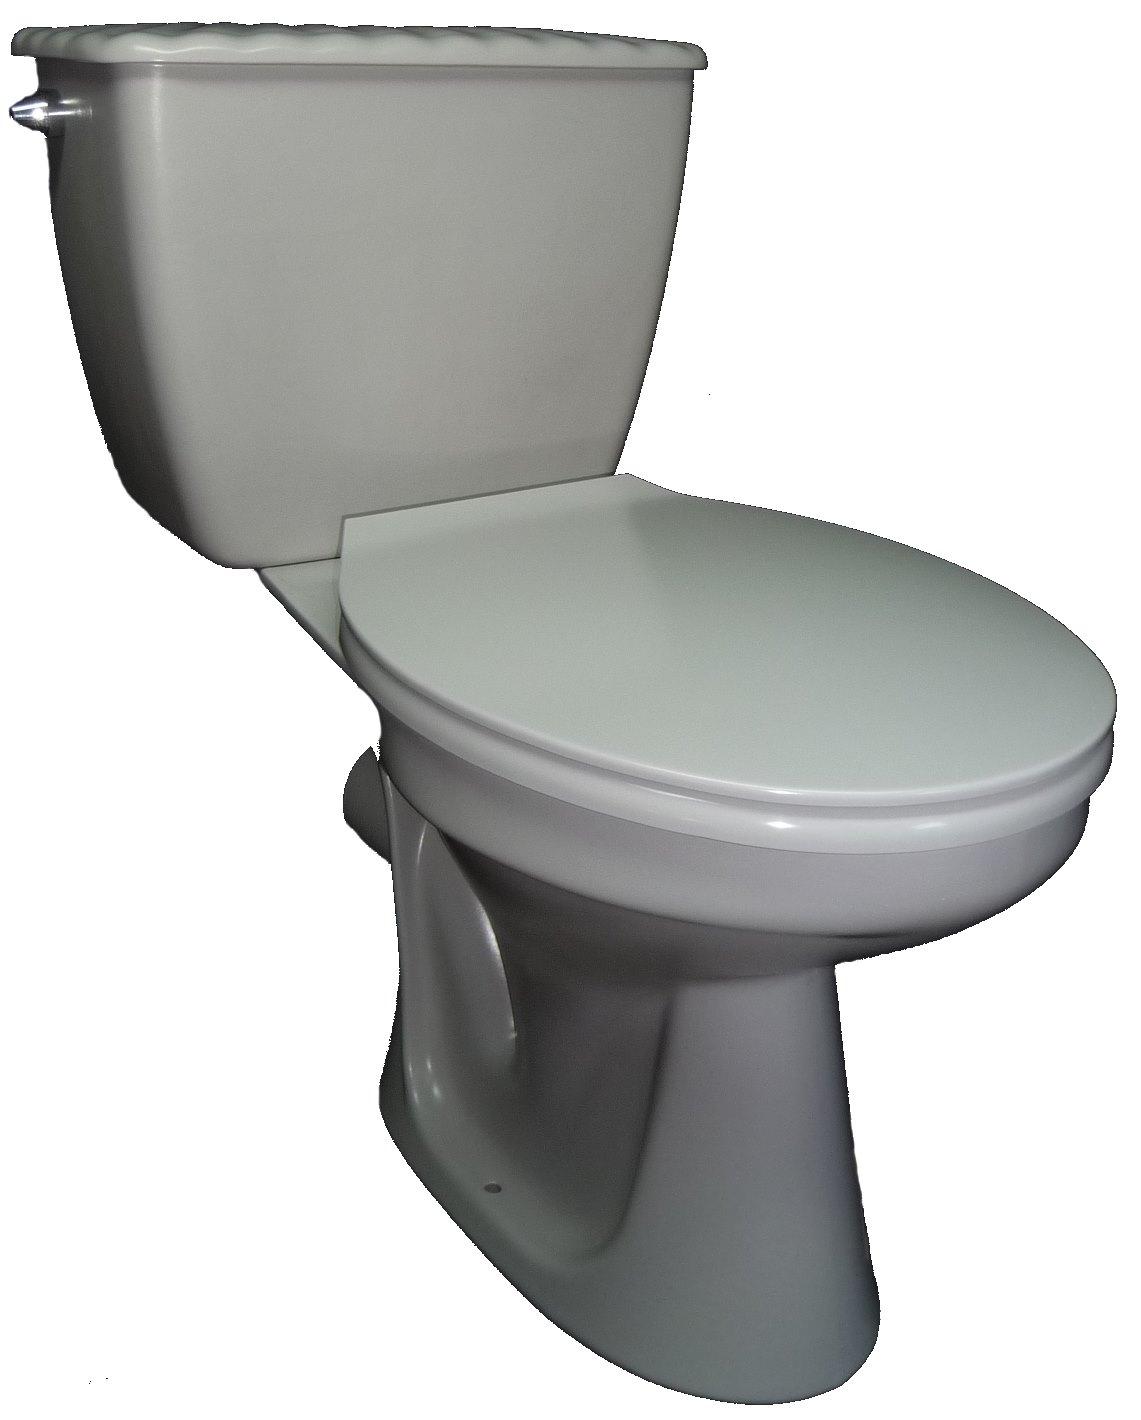 flanell Stand-WC-Kombination mit Spülkasten Bild 1